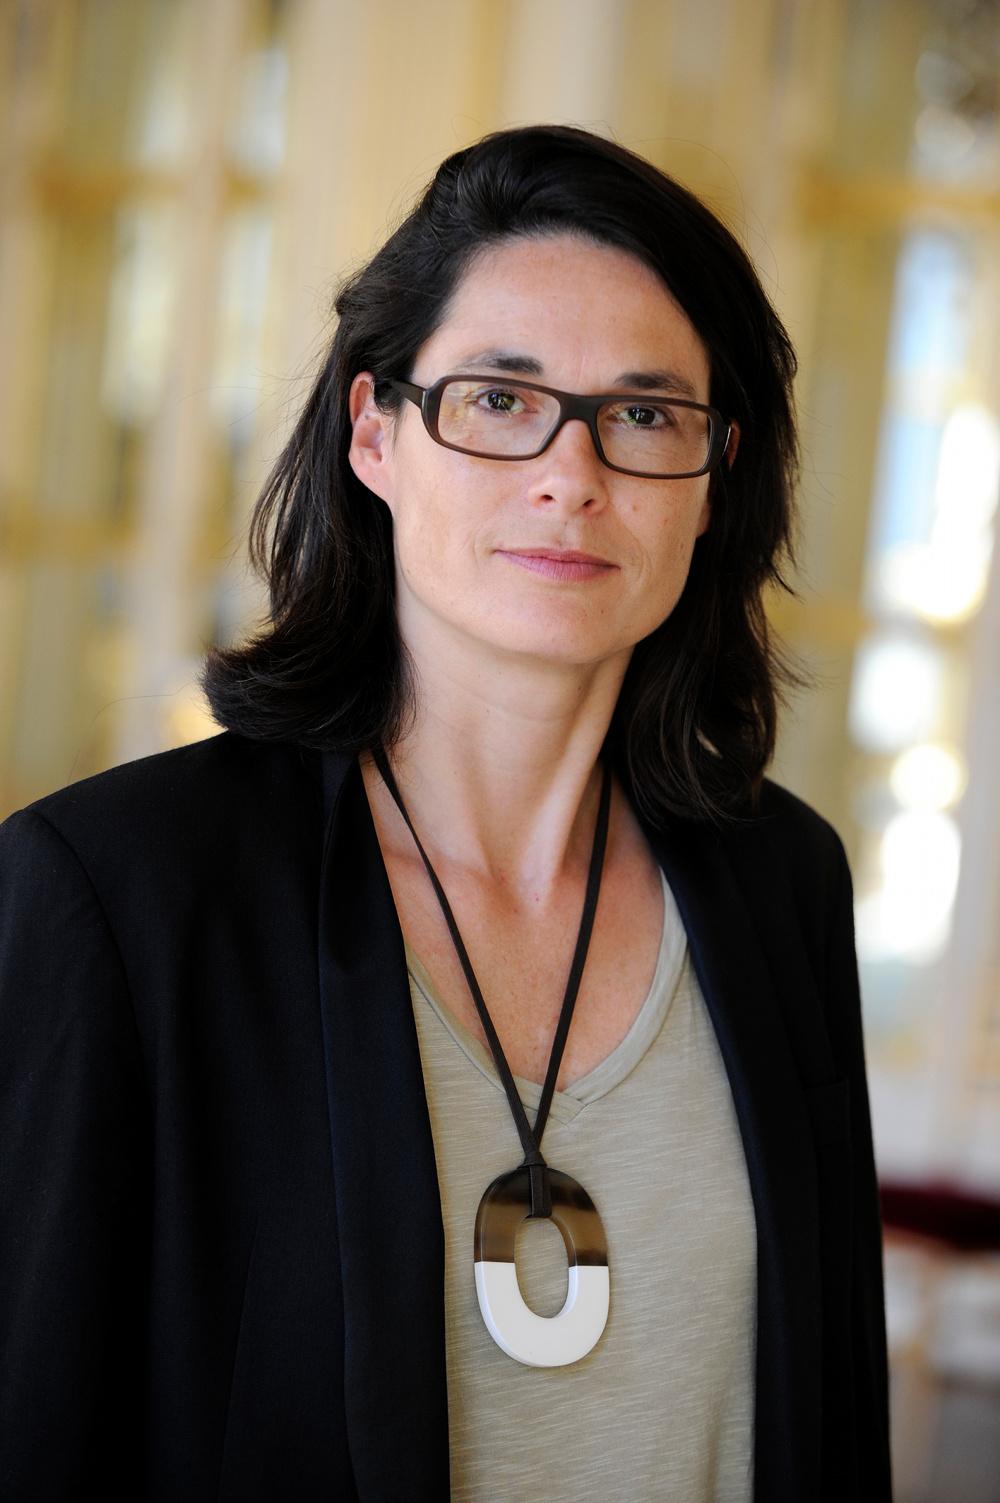 Photo Didier Plowy courtesy Cité de la céramique de Sèvres